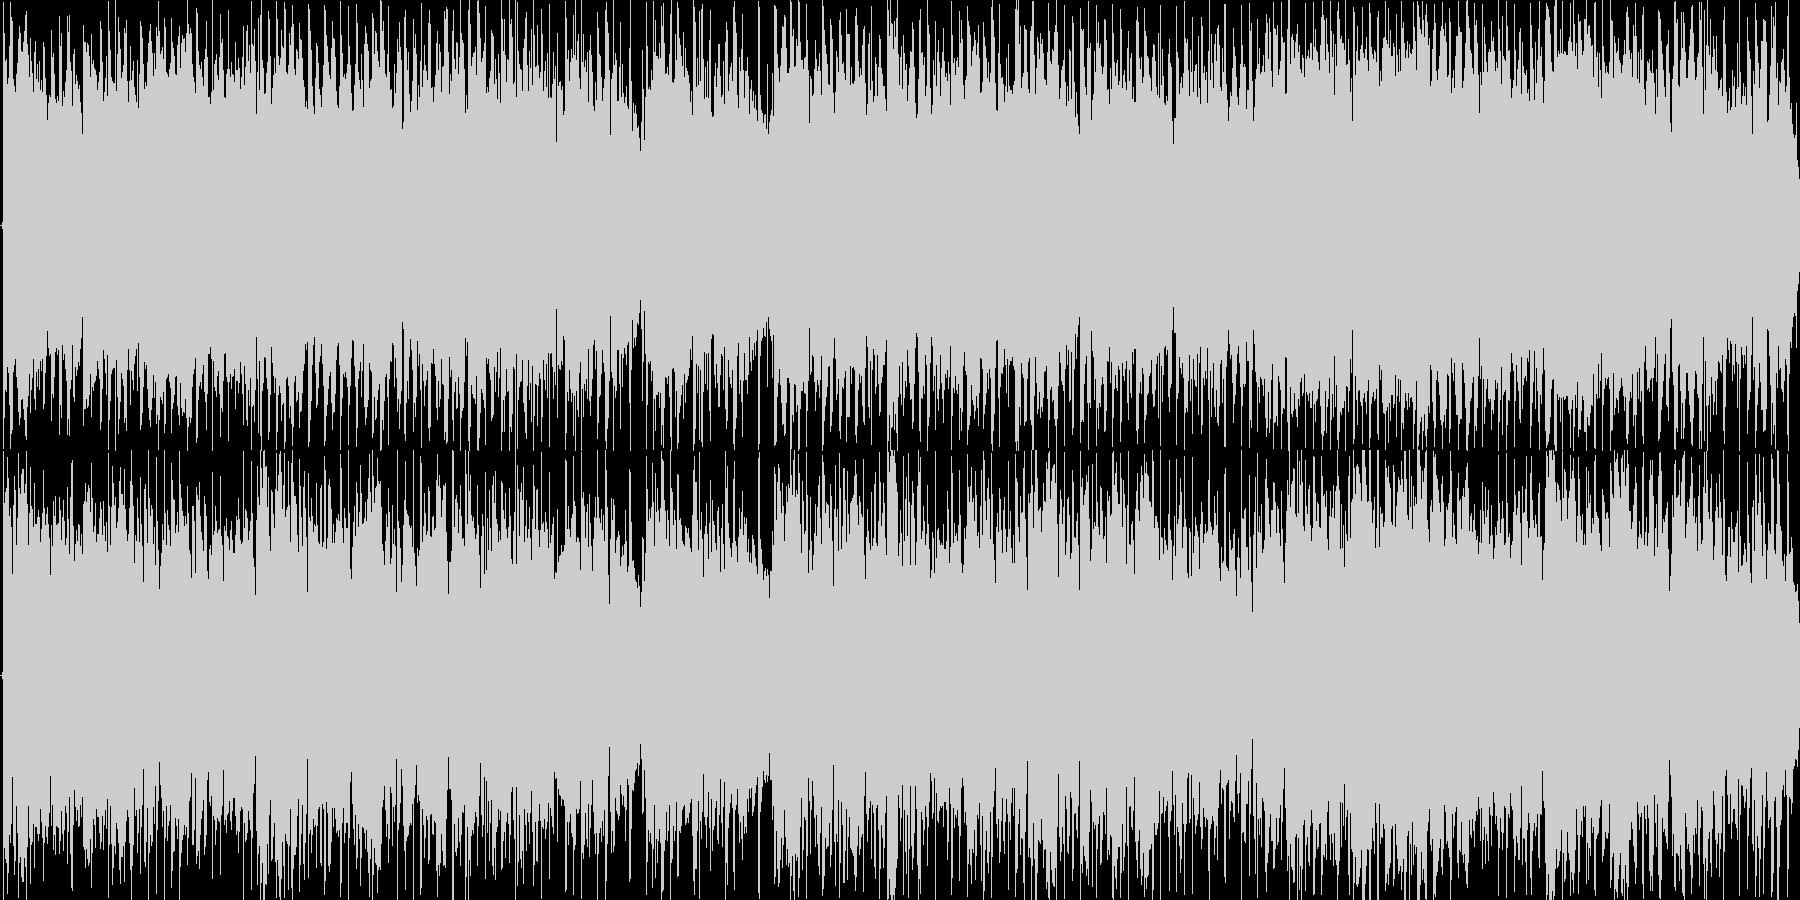 優しいアコースティックギターLOOPの未再生の波形